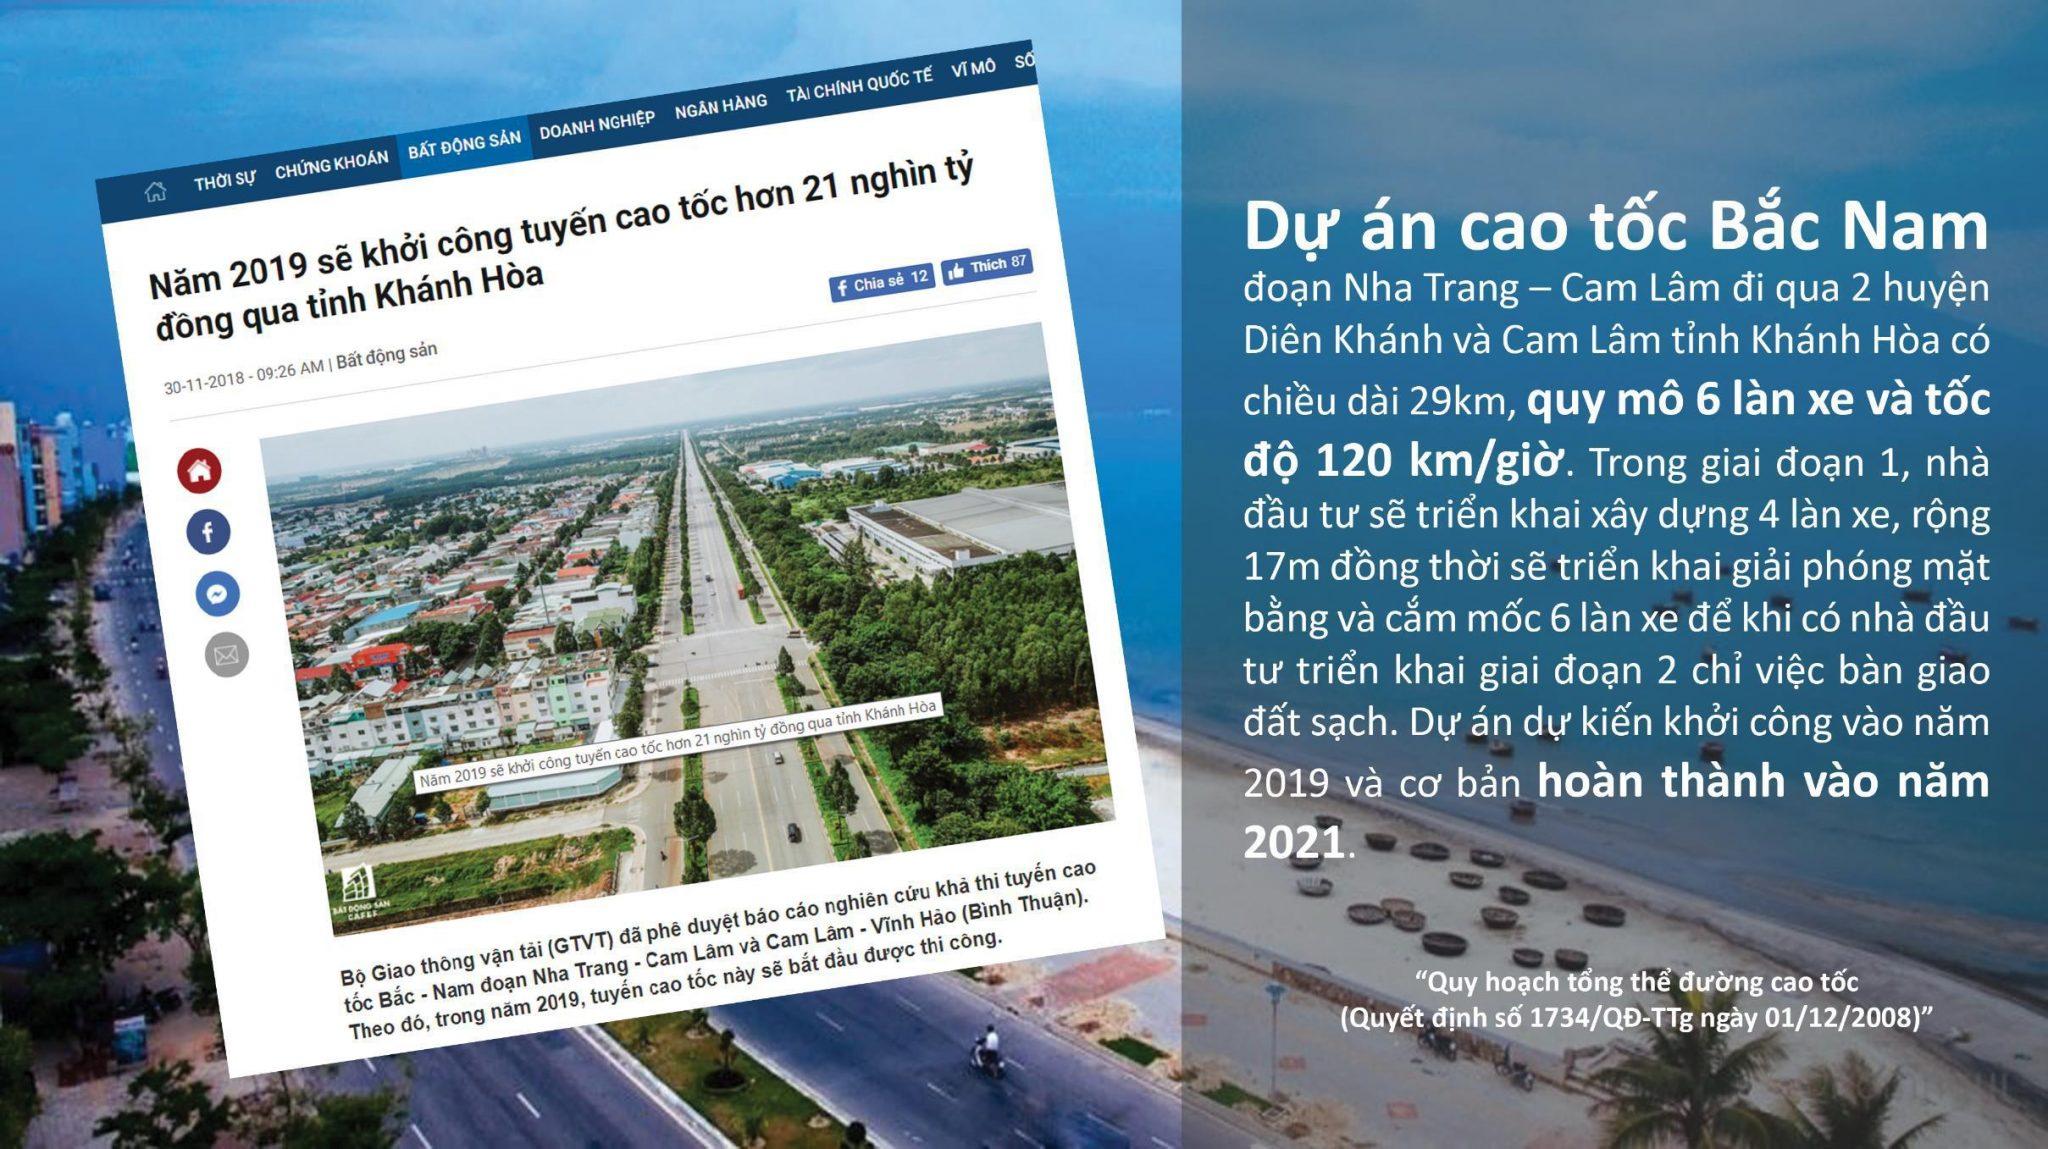 mango city dat nen so do cam lam full tho cu 100 gia 999 trieu SXeNu - DỰ ÁN ĐẤT NỀN MANGO CITY CAM LÂM ĐẤT XANH NAM TRUNG BỘ